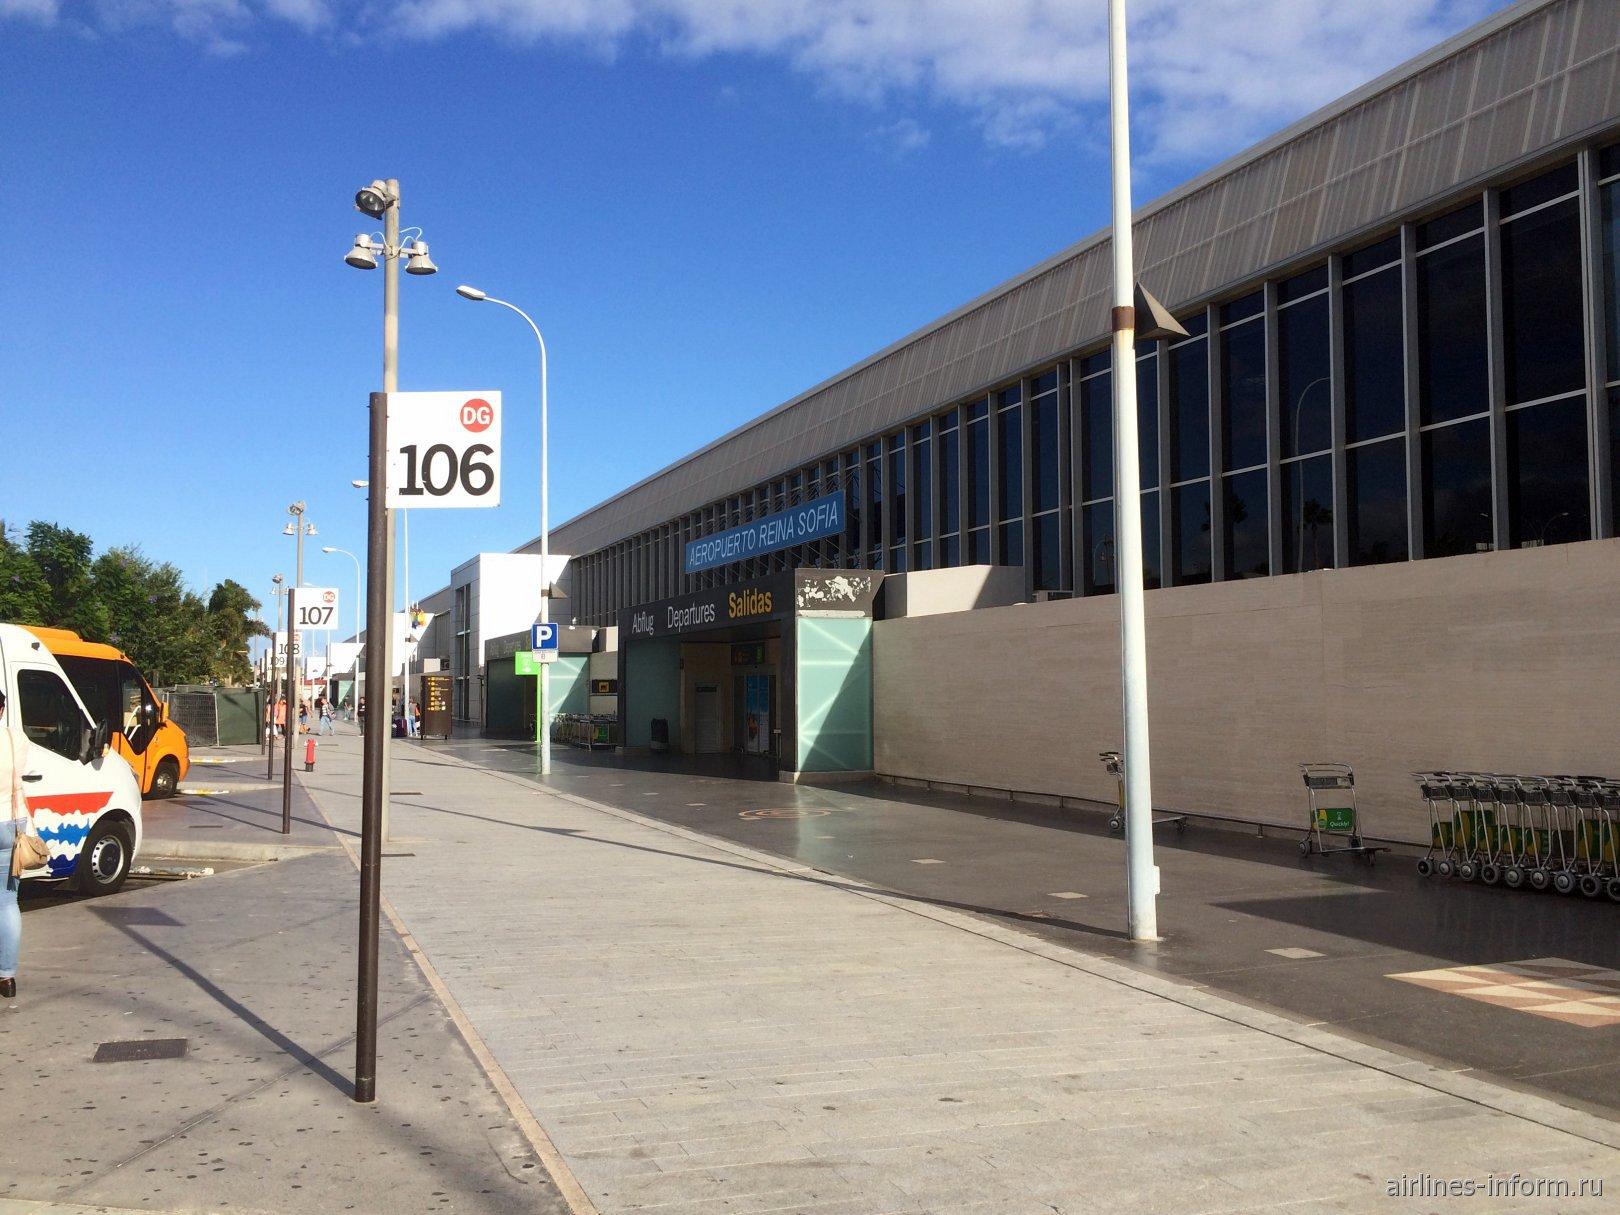 Пассажирский терминал аэропорта Тенерифе Южный